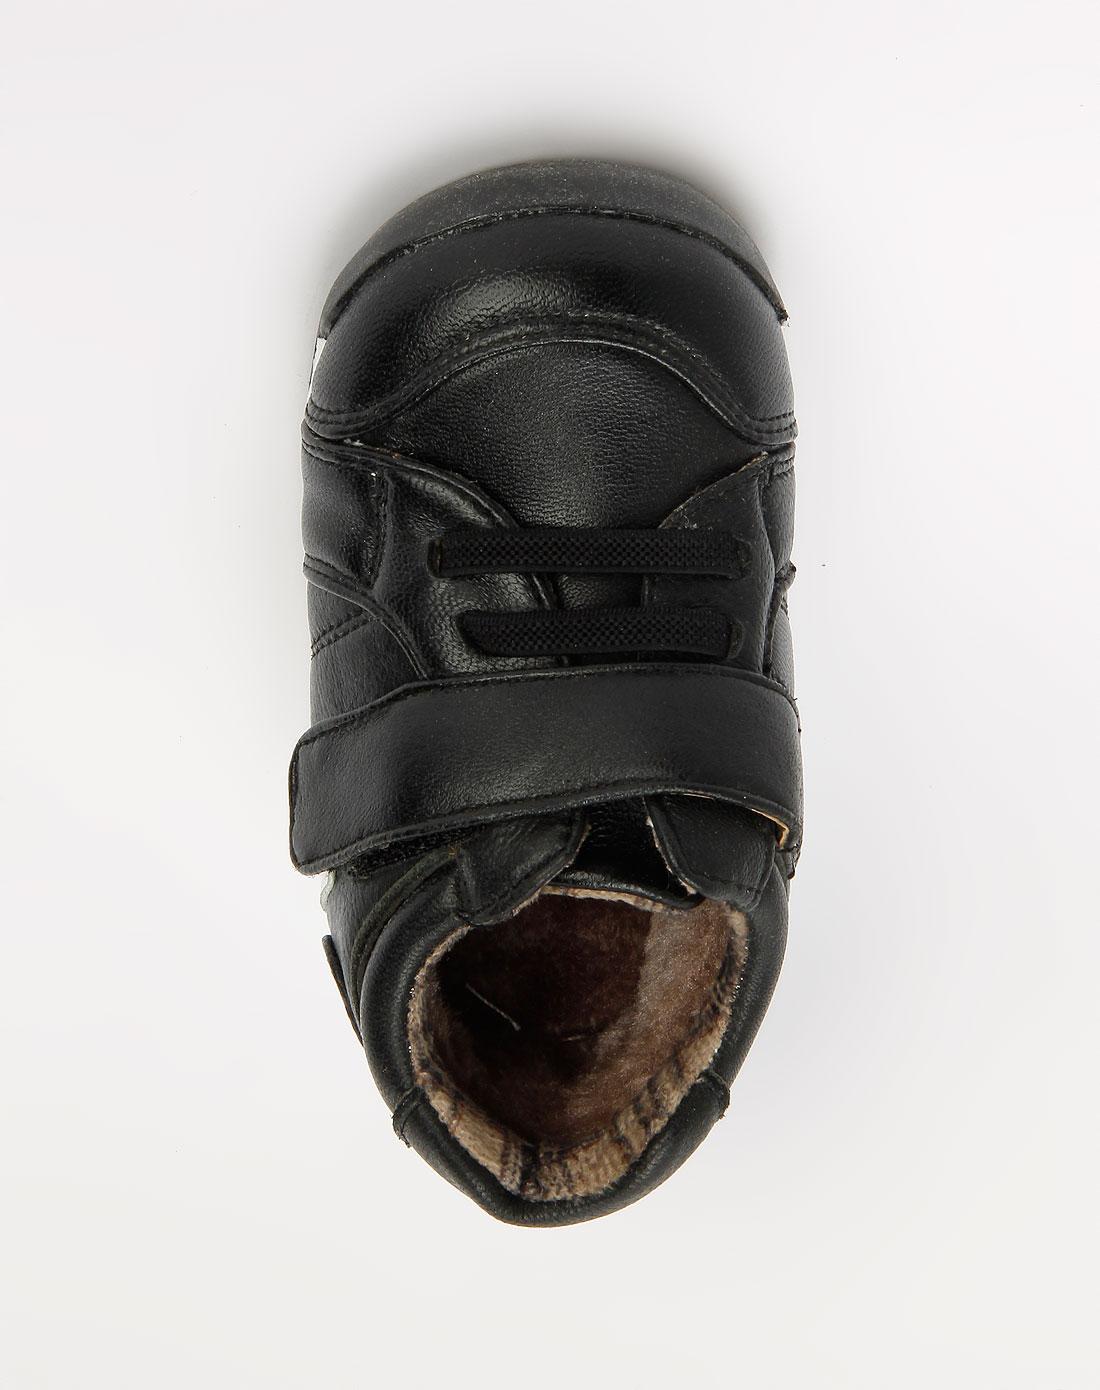 卡丁童鞋男童黑色魔术贴皮鞋